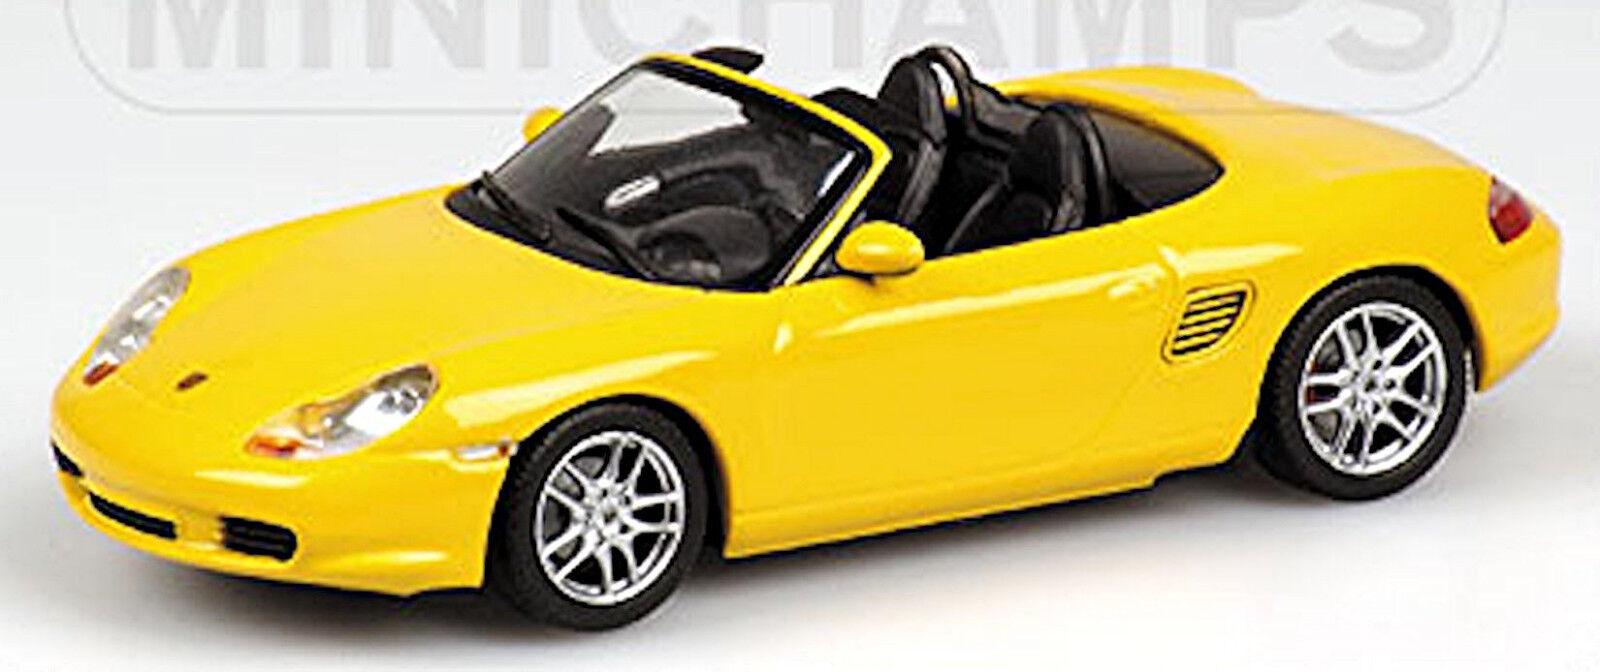 Porsche Boxster S Tipo  986-1996-2004 Speedyellow yellow 1 43 Minichamps